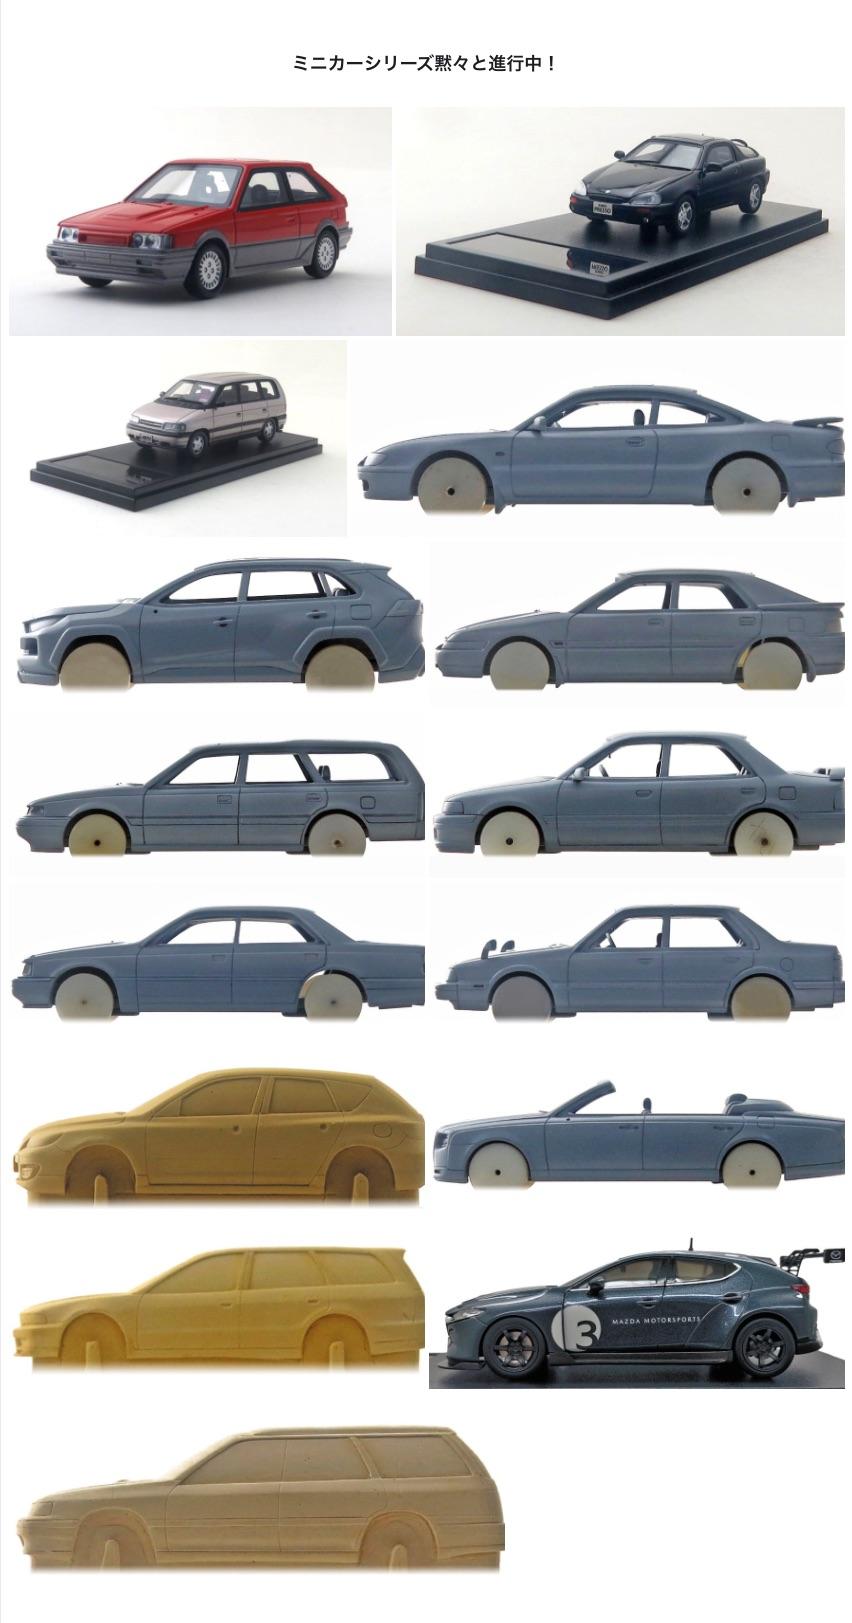 インターアライド、Mazda3 TCRなどマツダ車を商品化予定